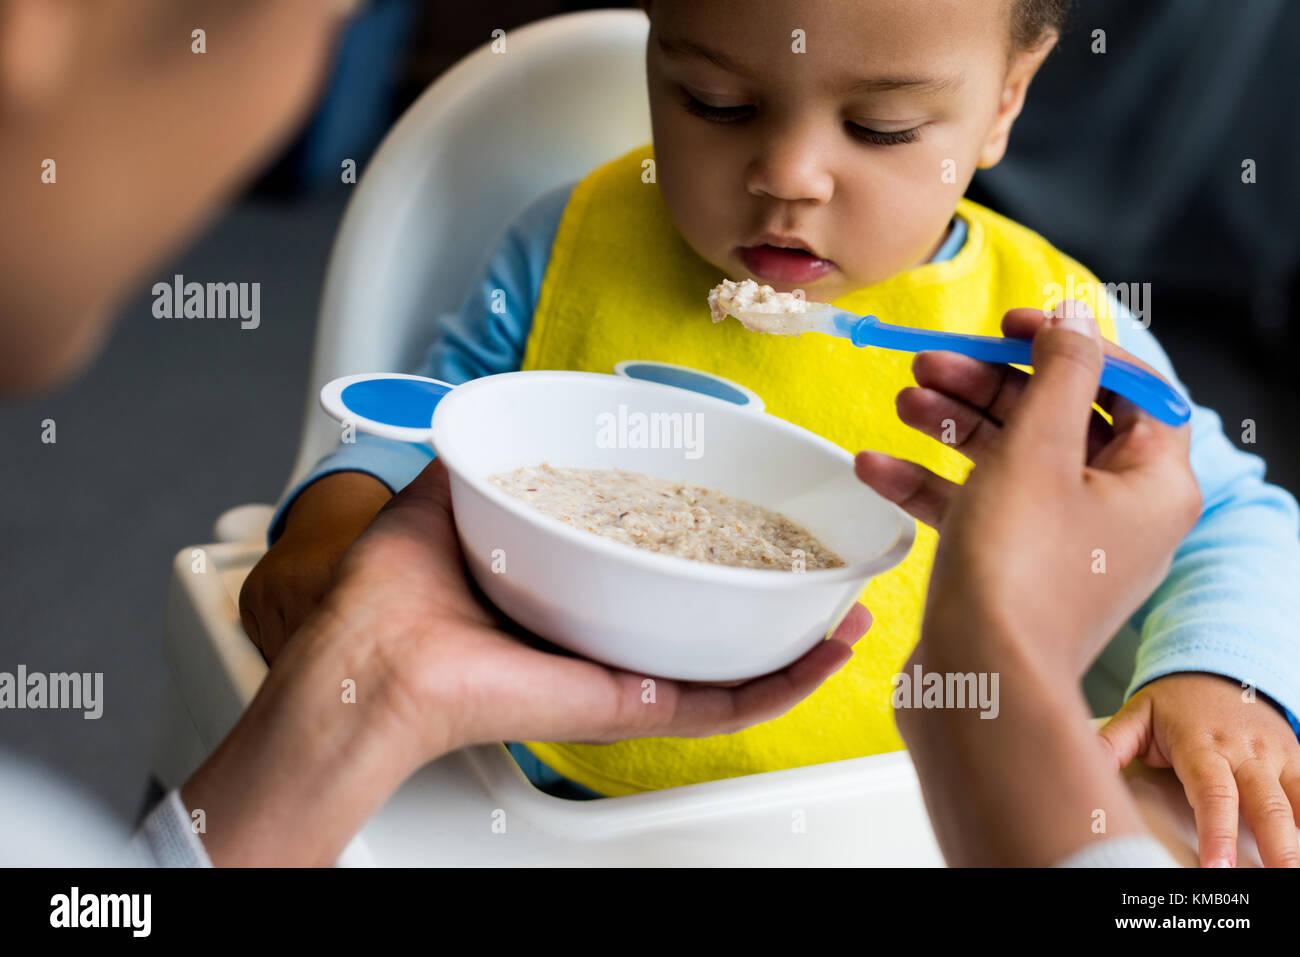 Pouco filho comendo mingau de aveia Imagens de Stock